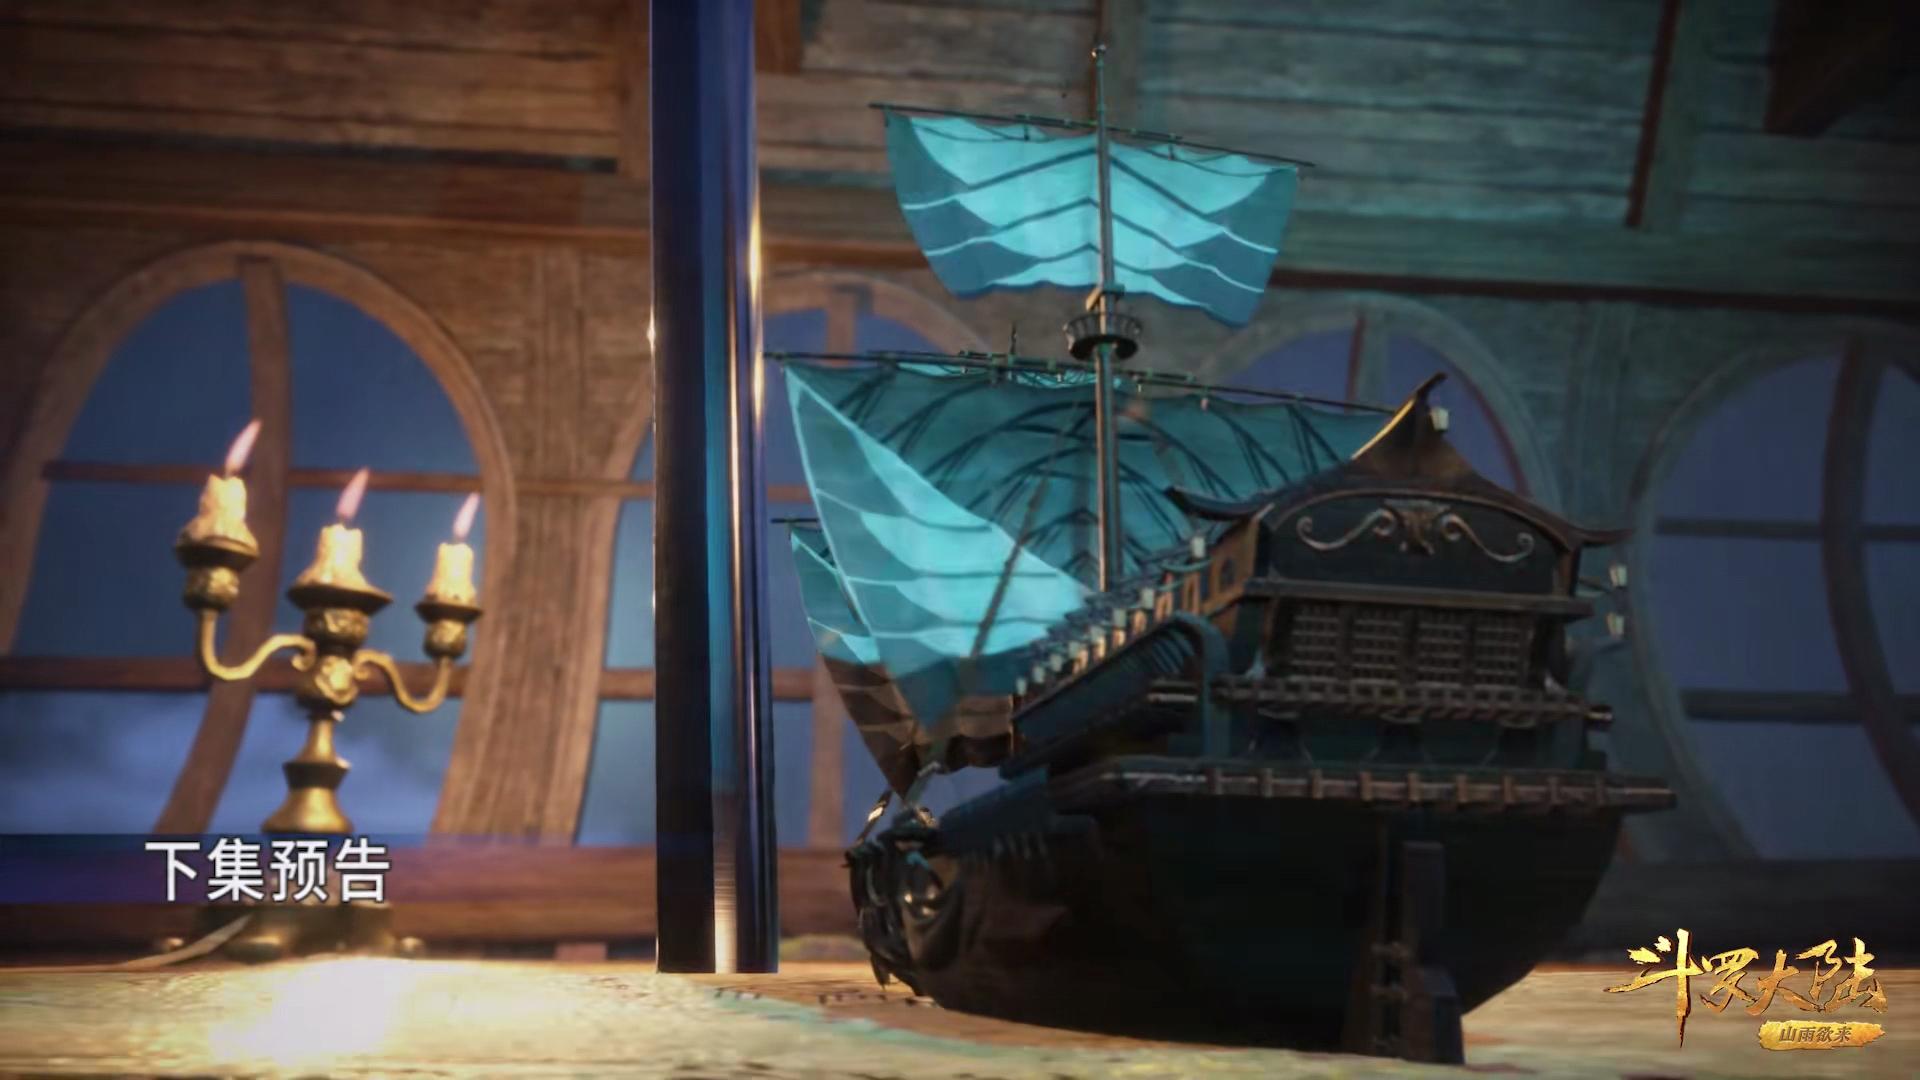 斗罗大陆:史莱克七怪出海,下一站海神岛,海德尔登场